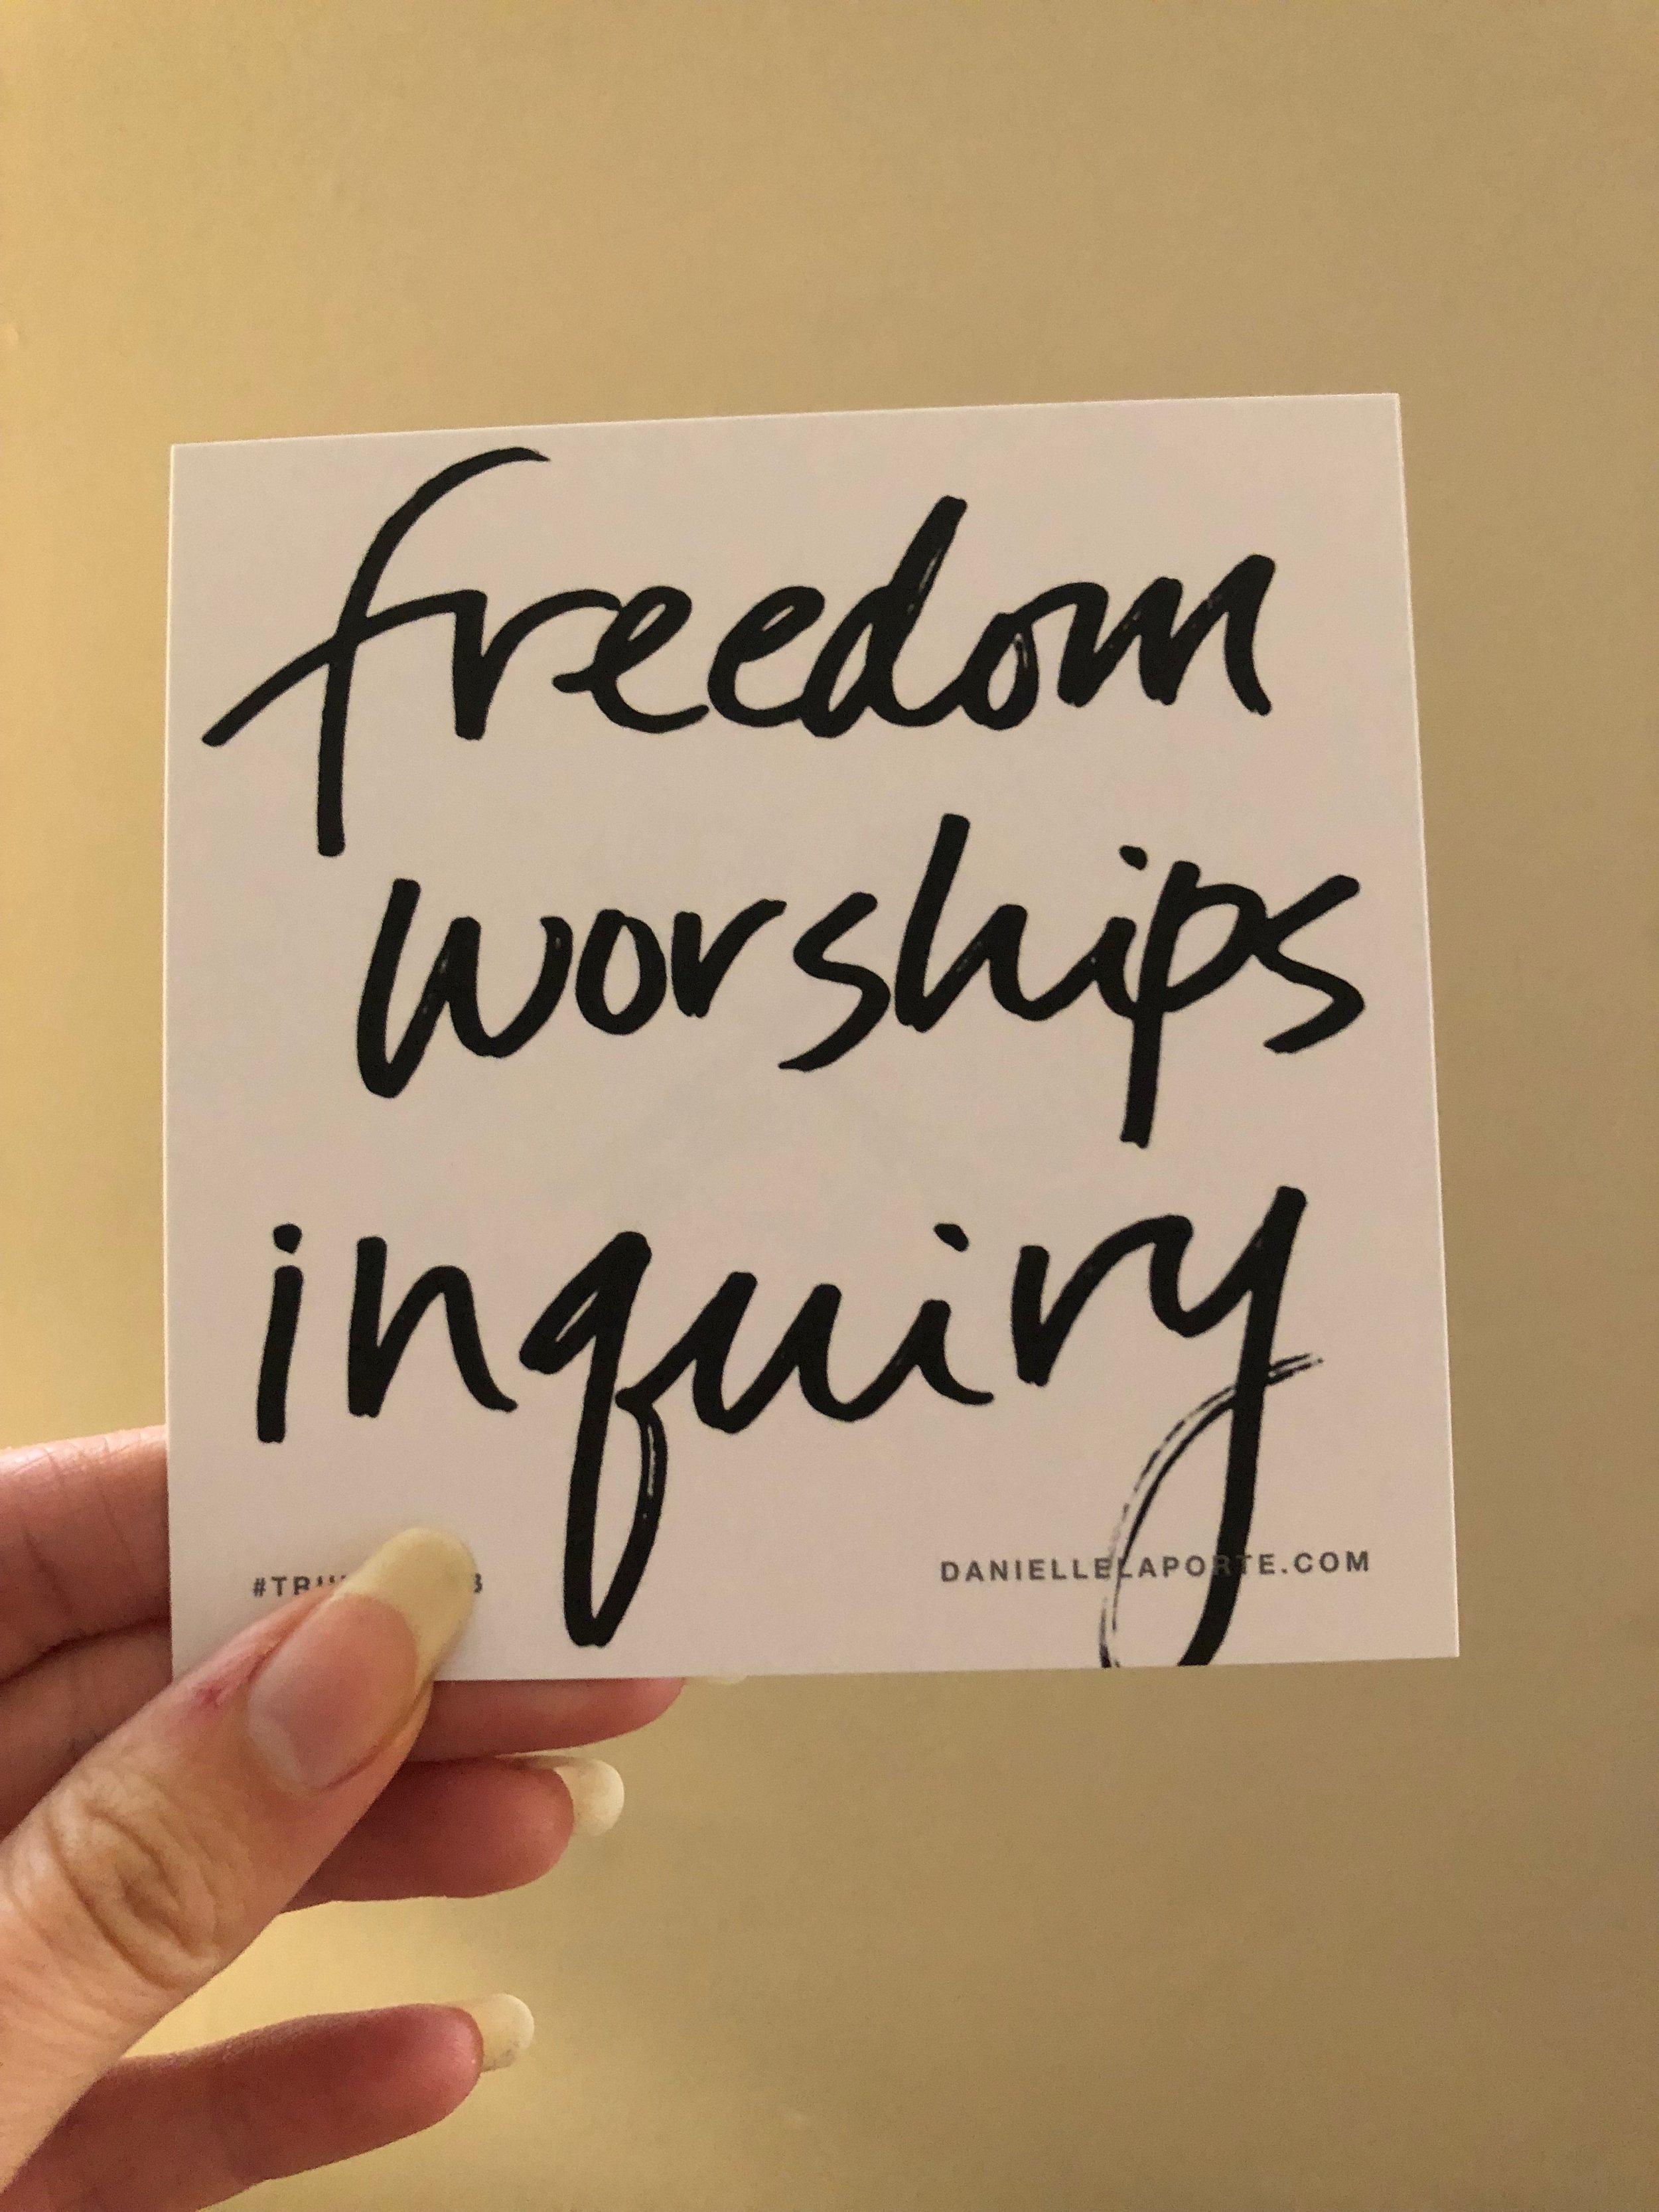 Freedom worships inquiry.JPG